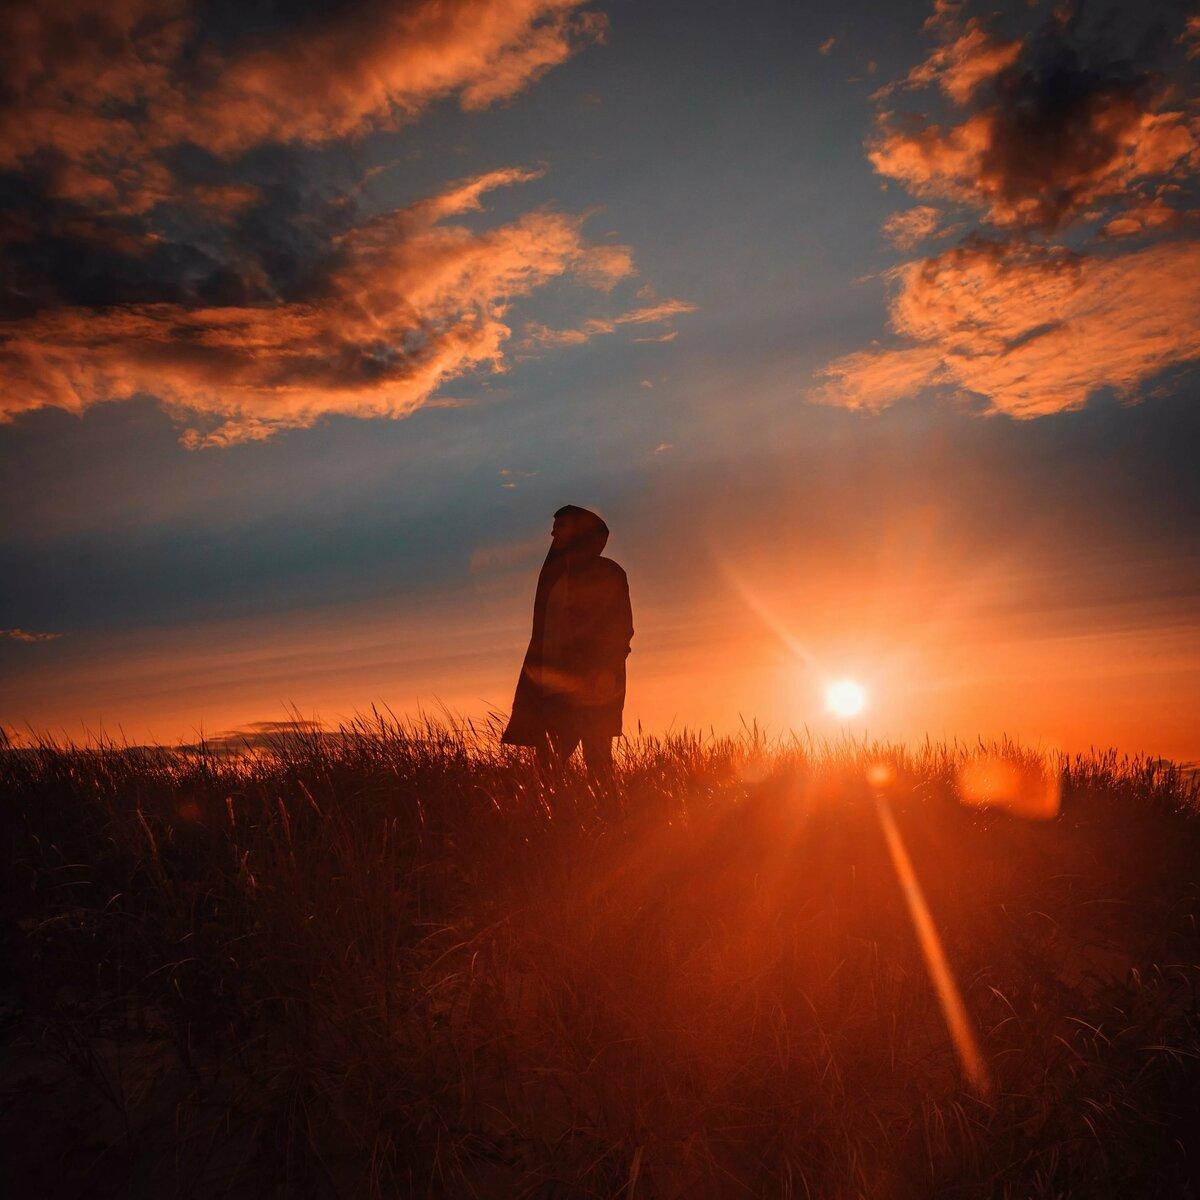 красивые картинки одиноких людей необычный